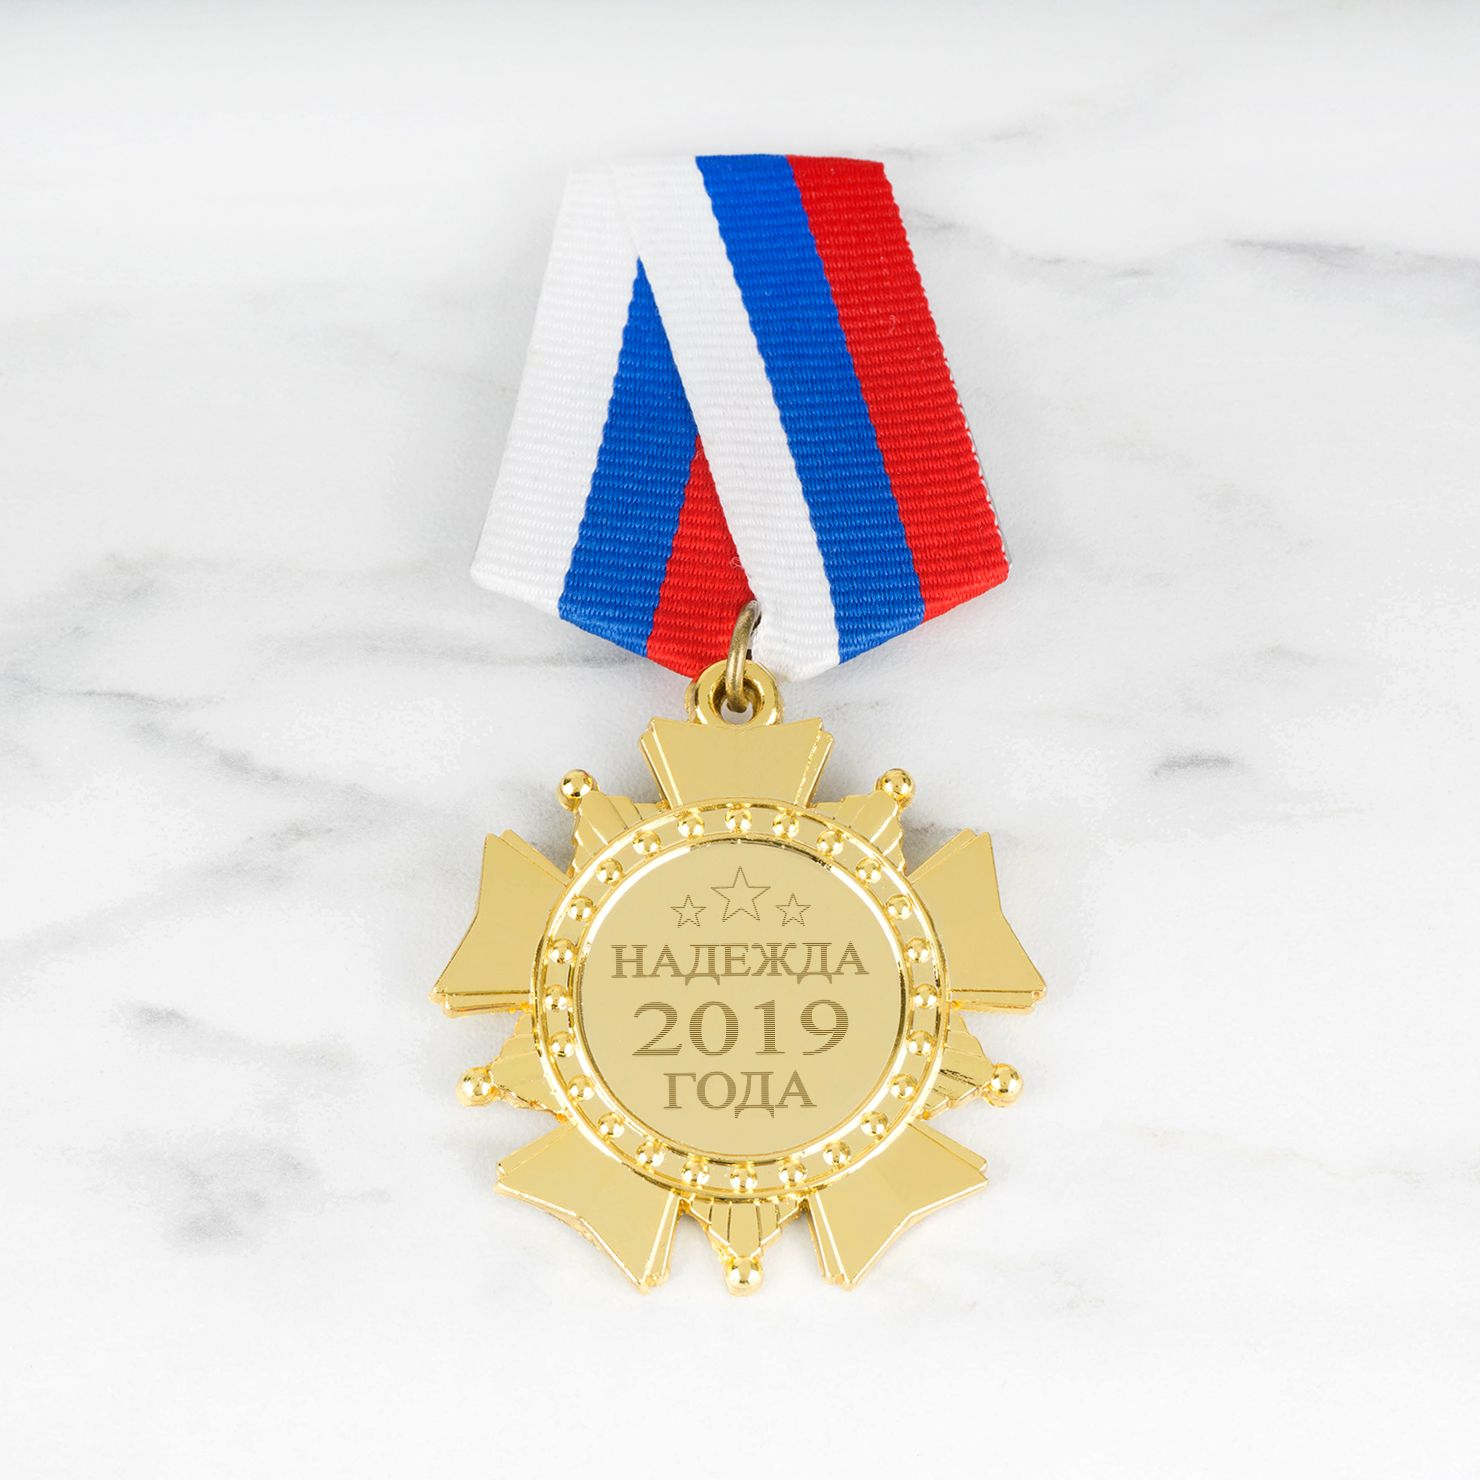 Орден *Надежда 2019 года*